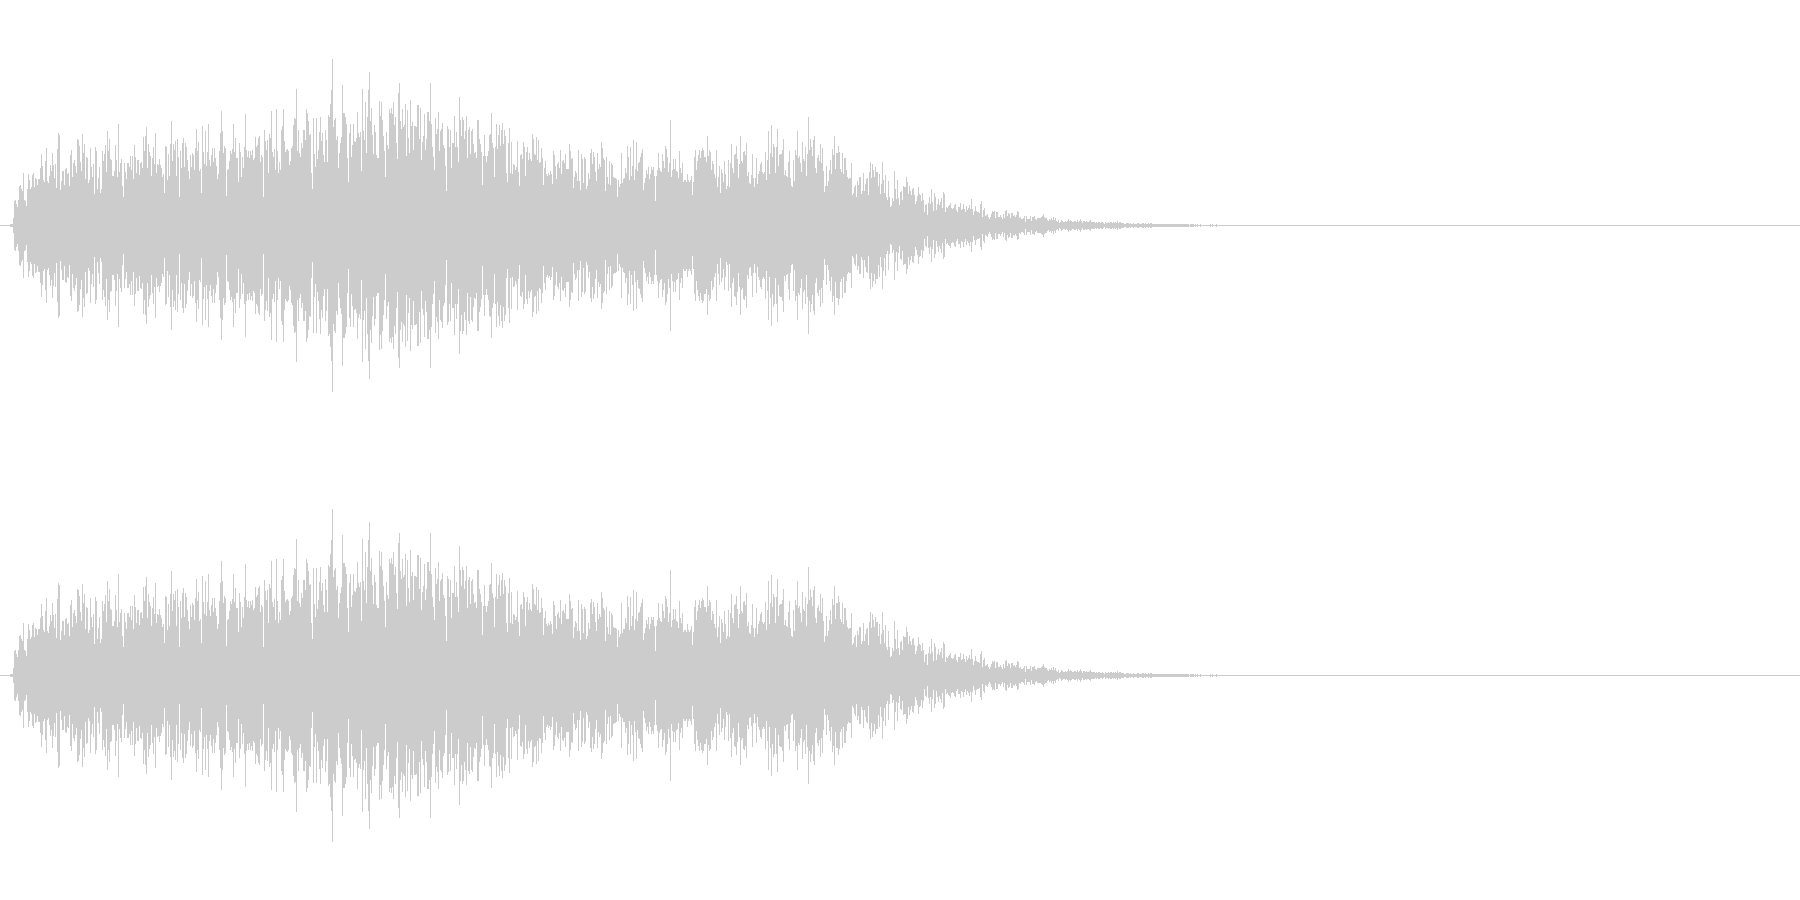 ノイジーなホラー効果の未再生の波形